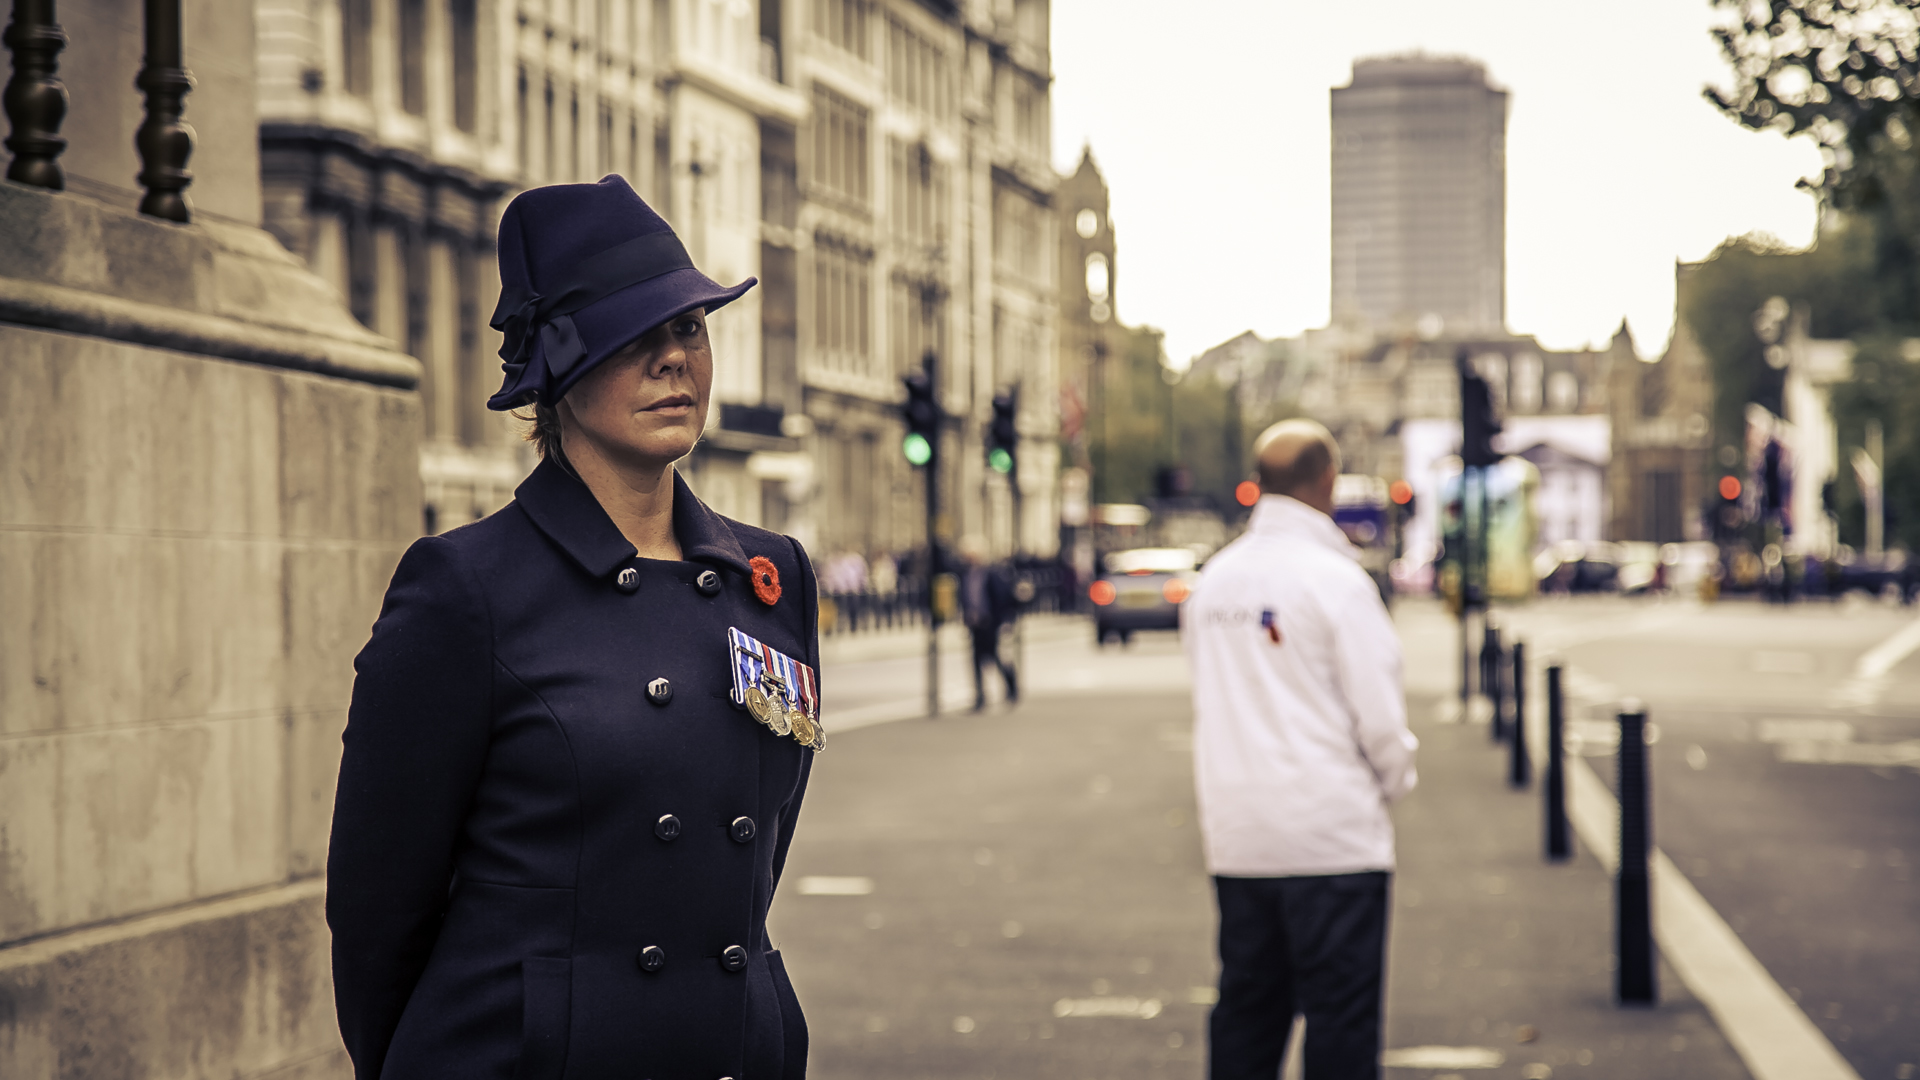 London_timelapse_cenotaph_02.jpg